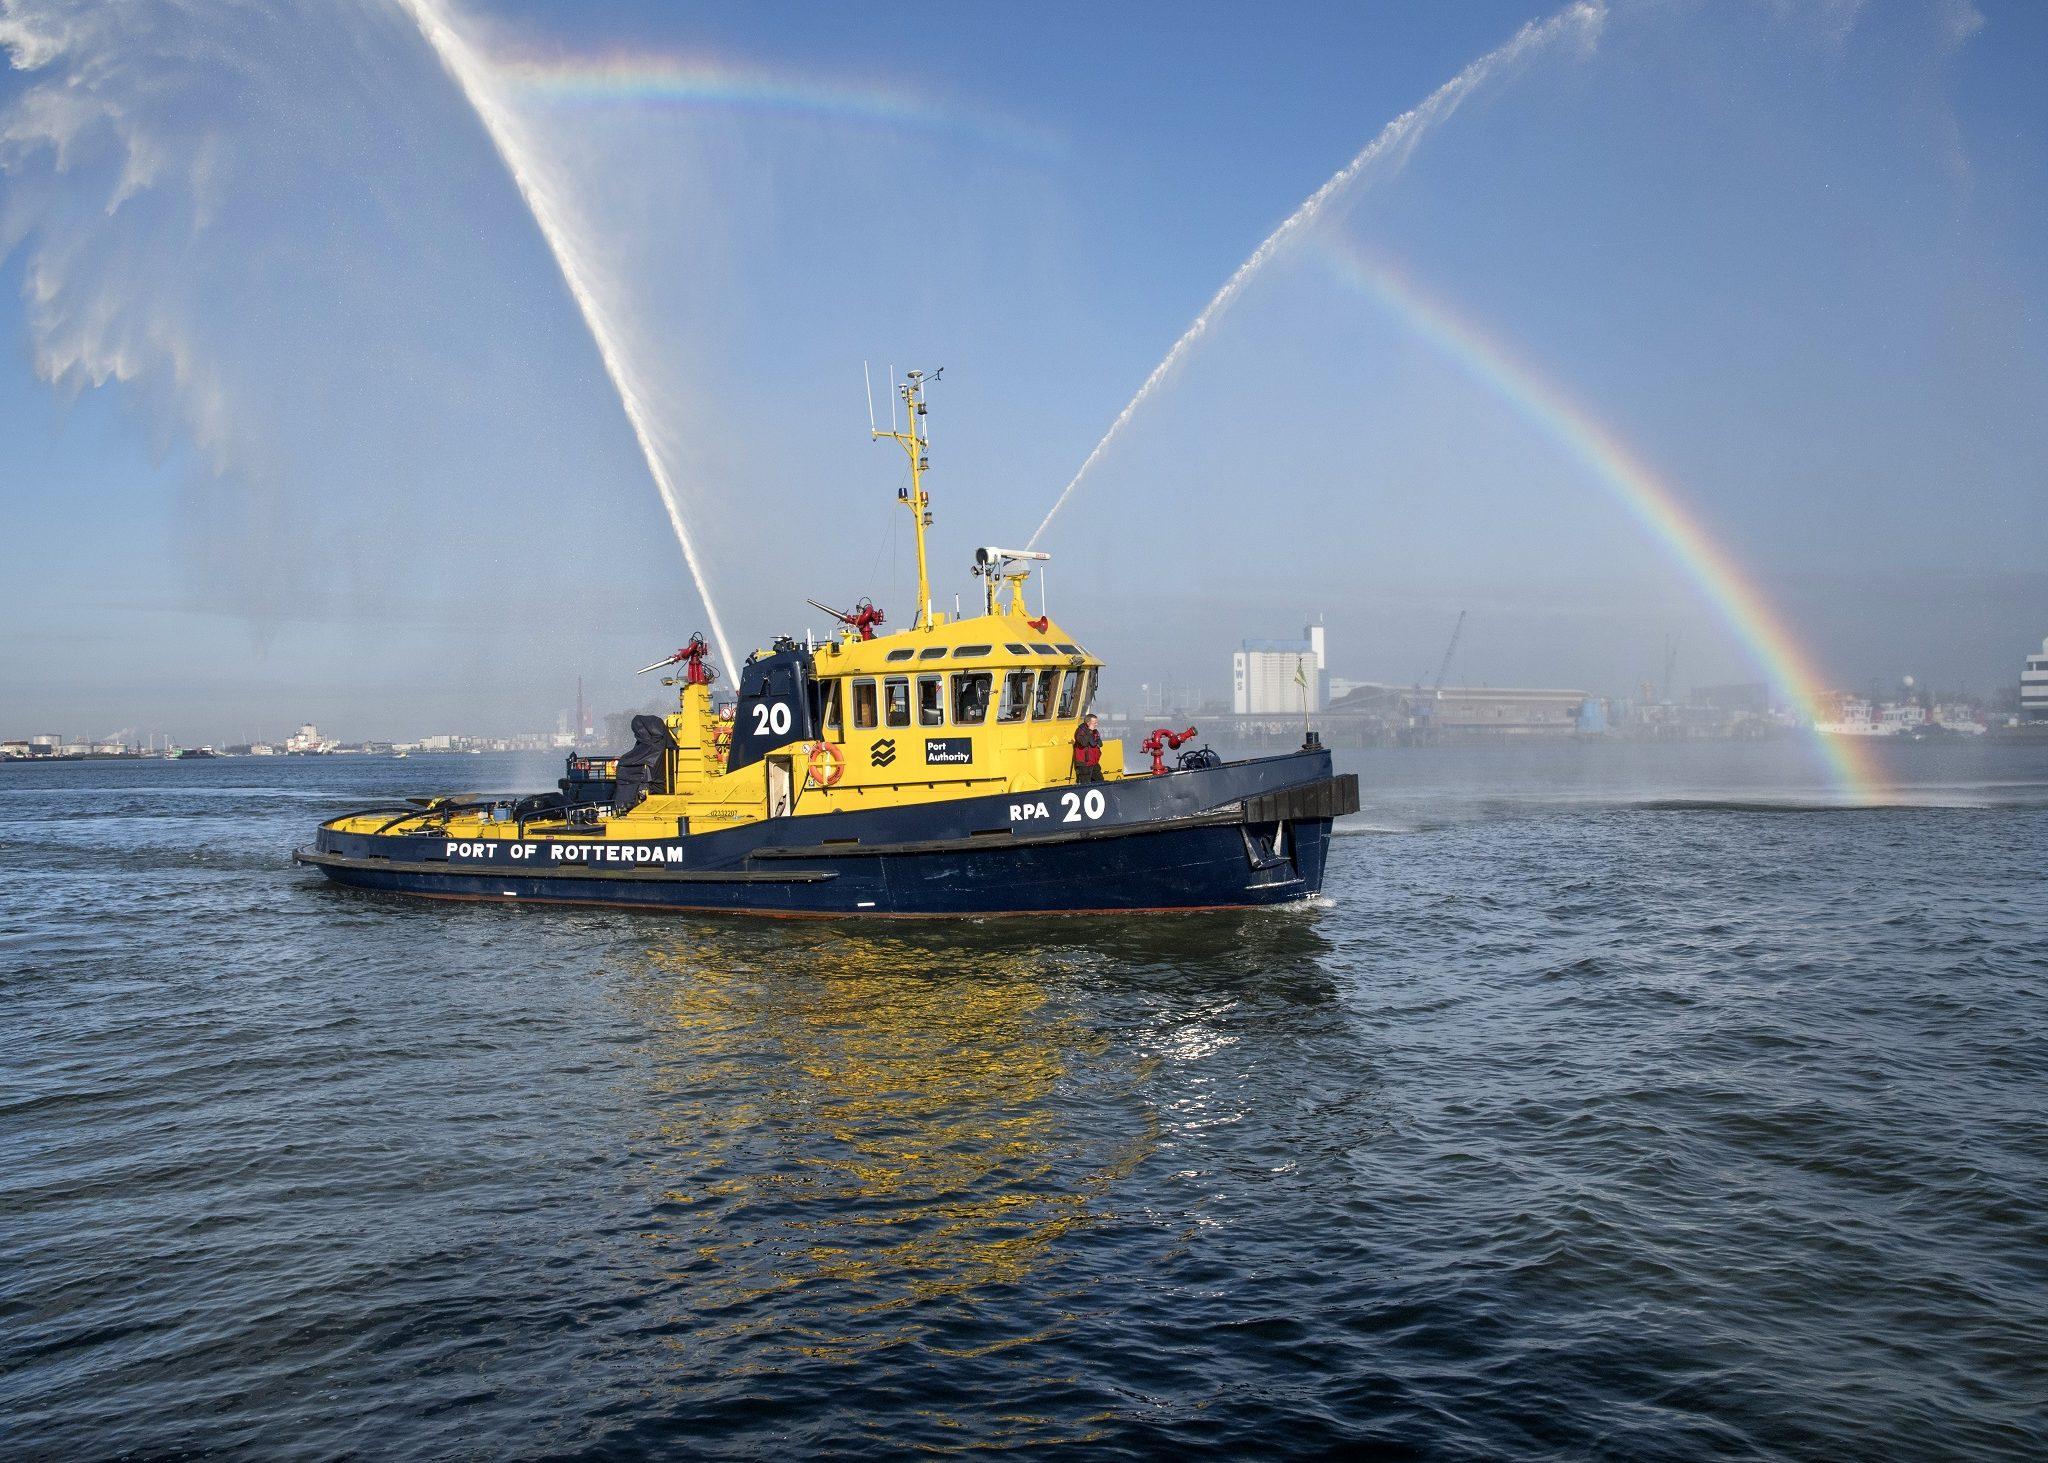 De RPA 20 vertrekt vanaf de werf van het Havenbedrijf op Heijplaat. (Foto Ries van Wendel-de Joode/Havenbedrijf Rotterdam)